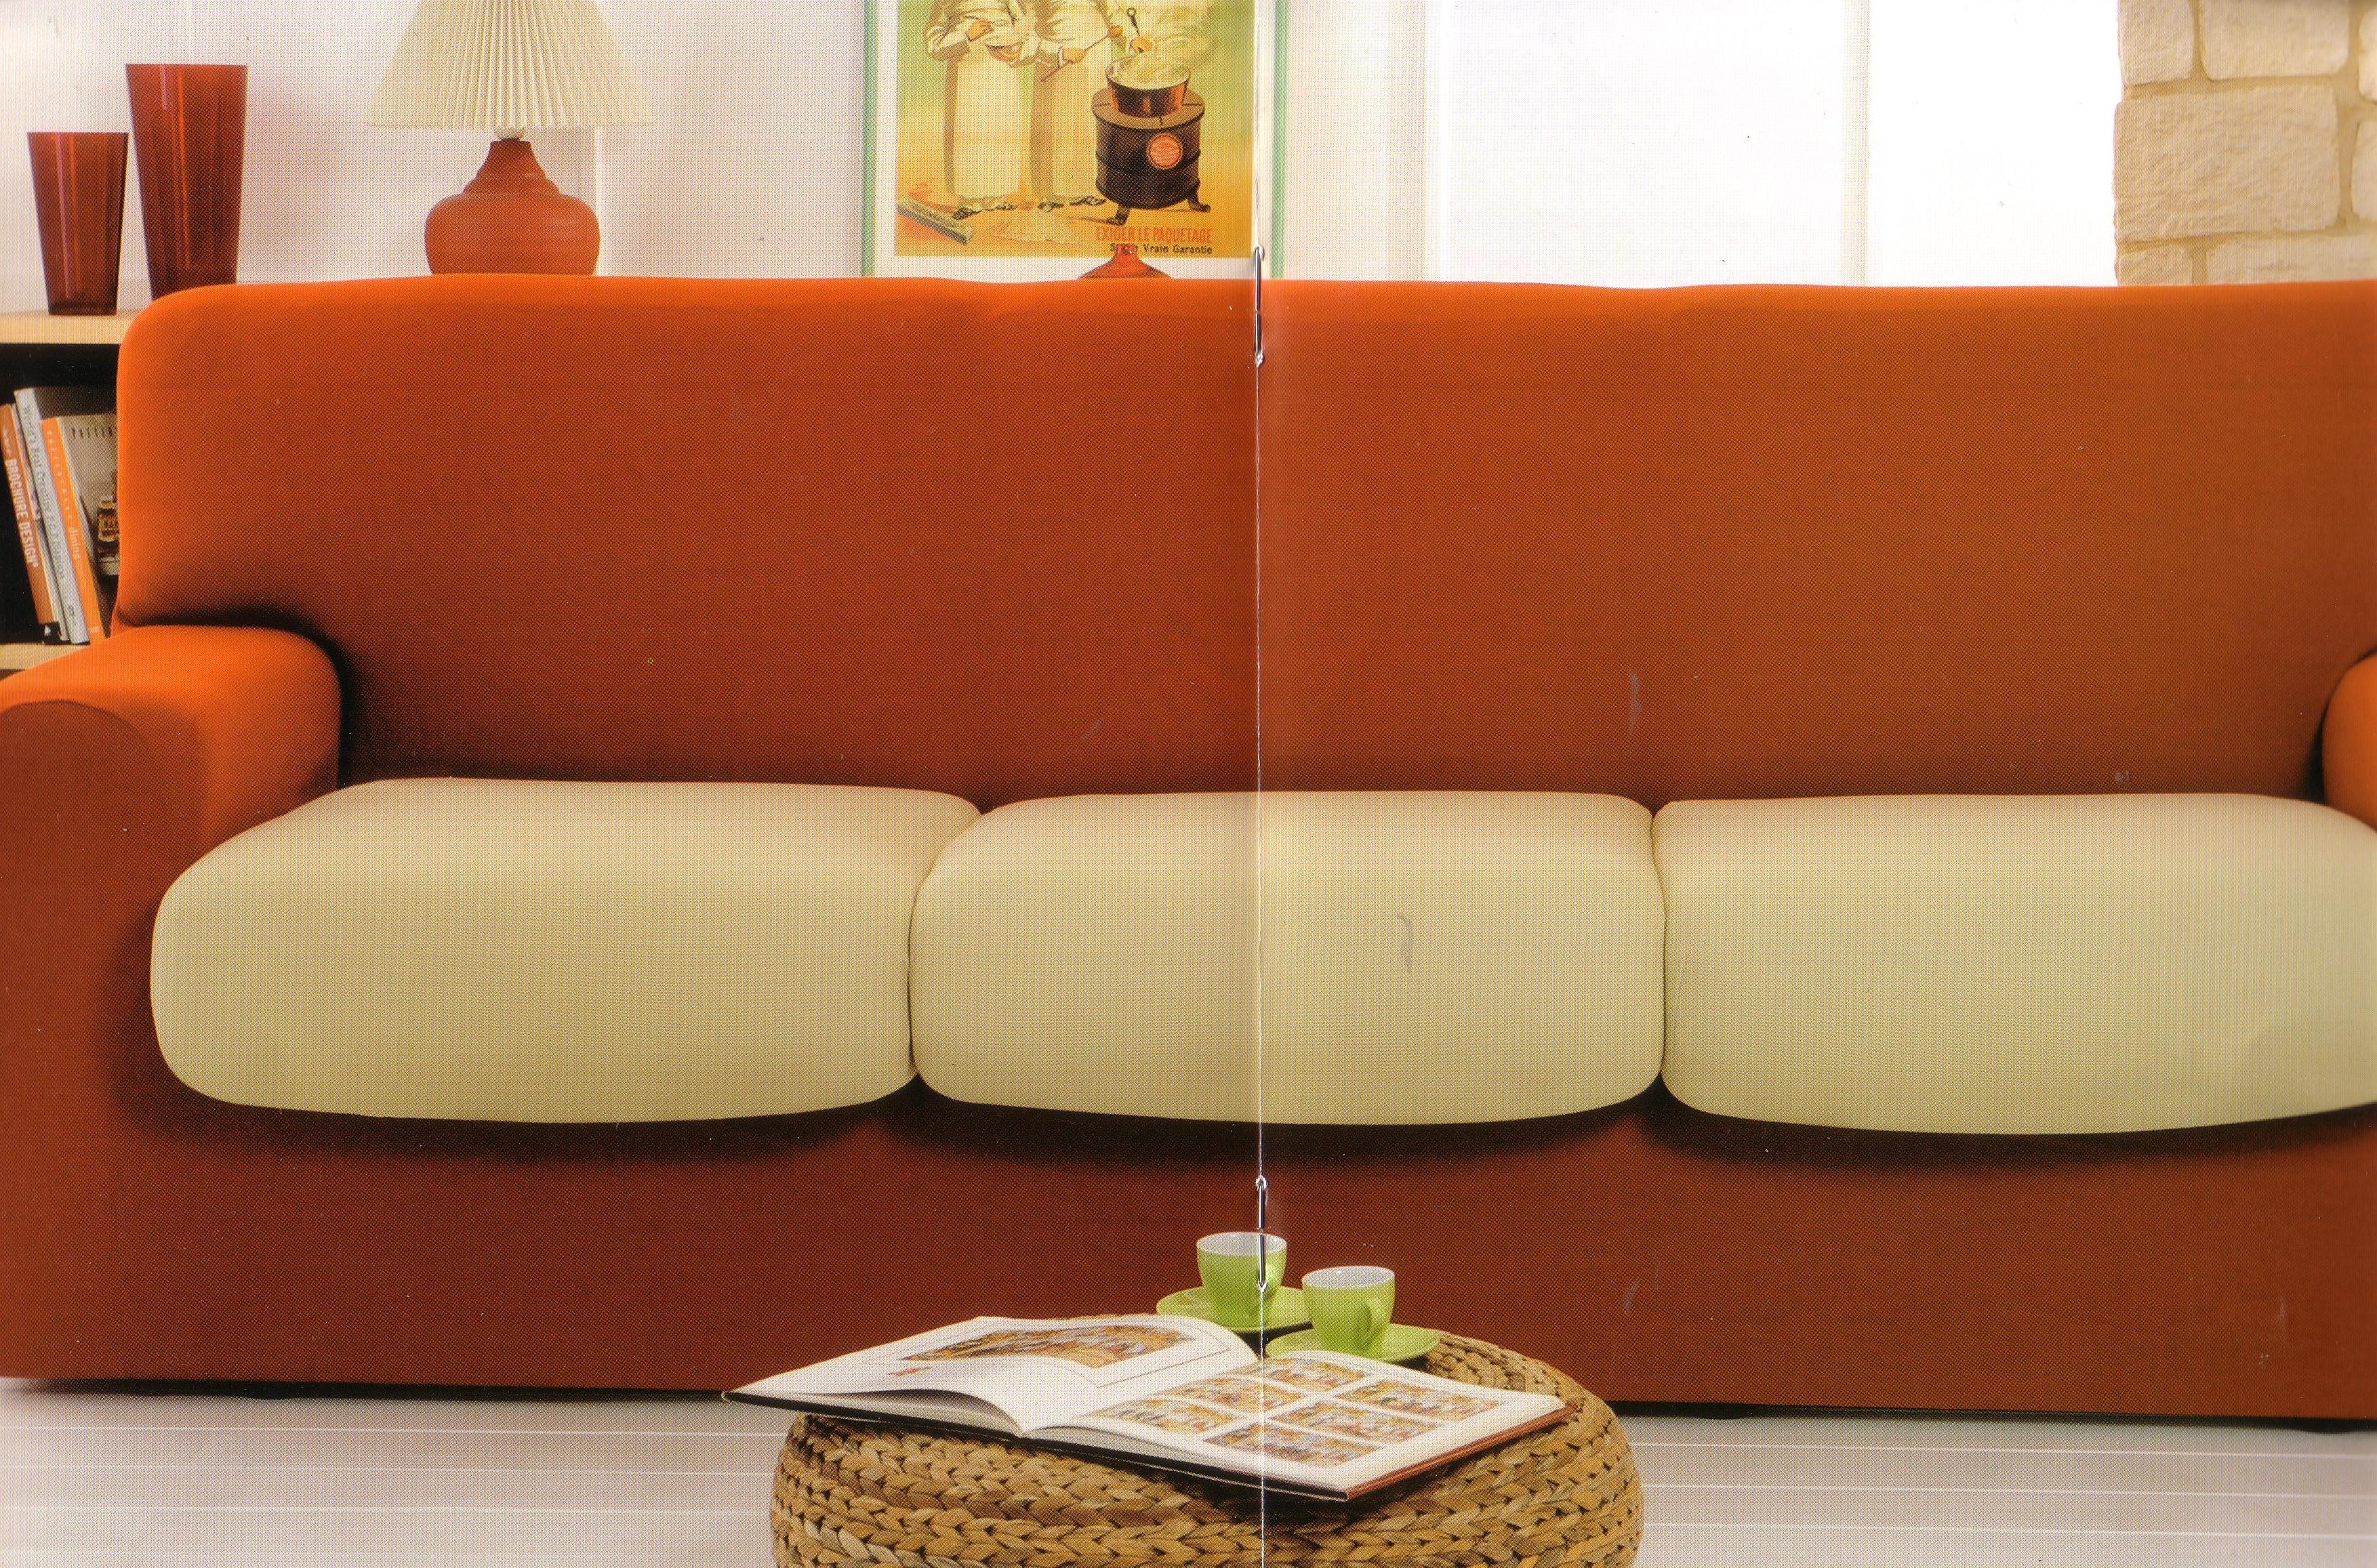 Copridivano 3 posti sofa cover - Copridivano 3 posti ...